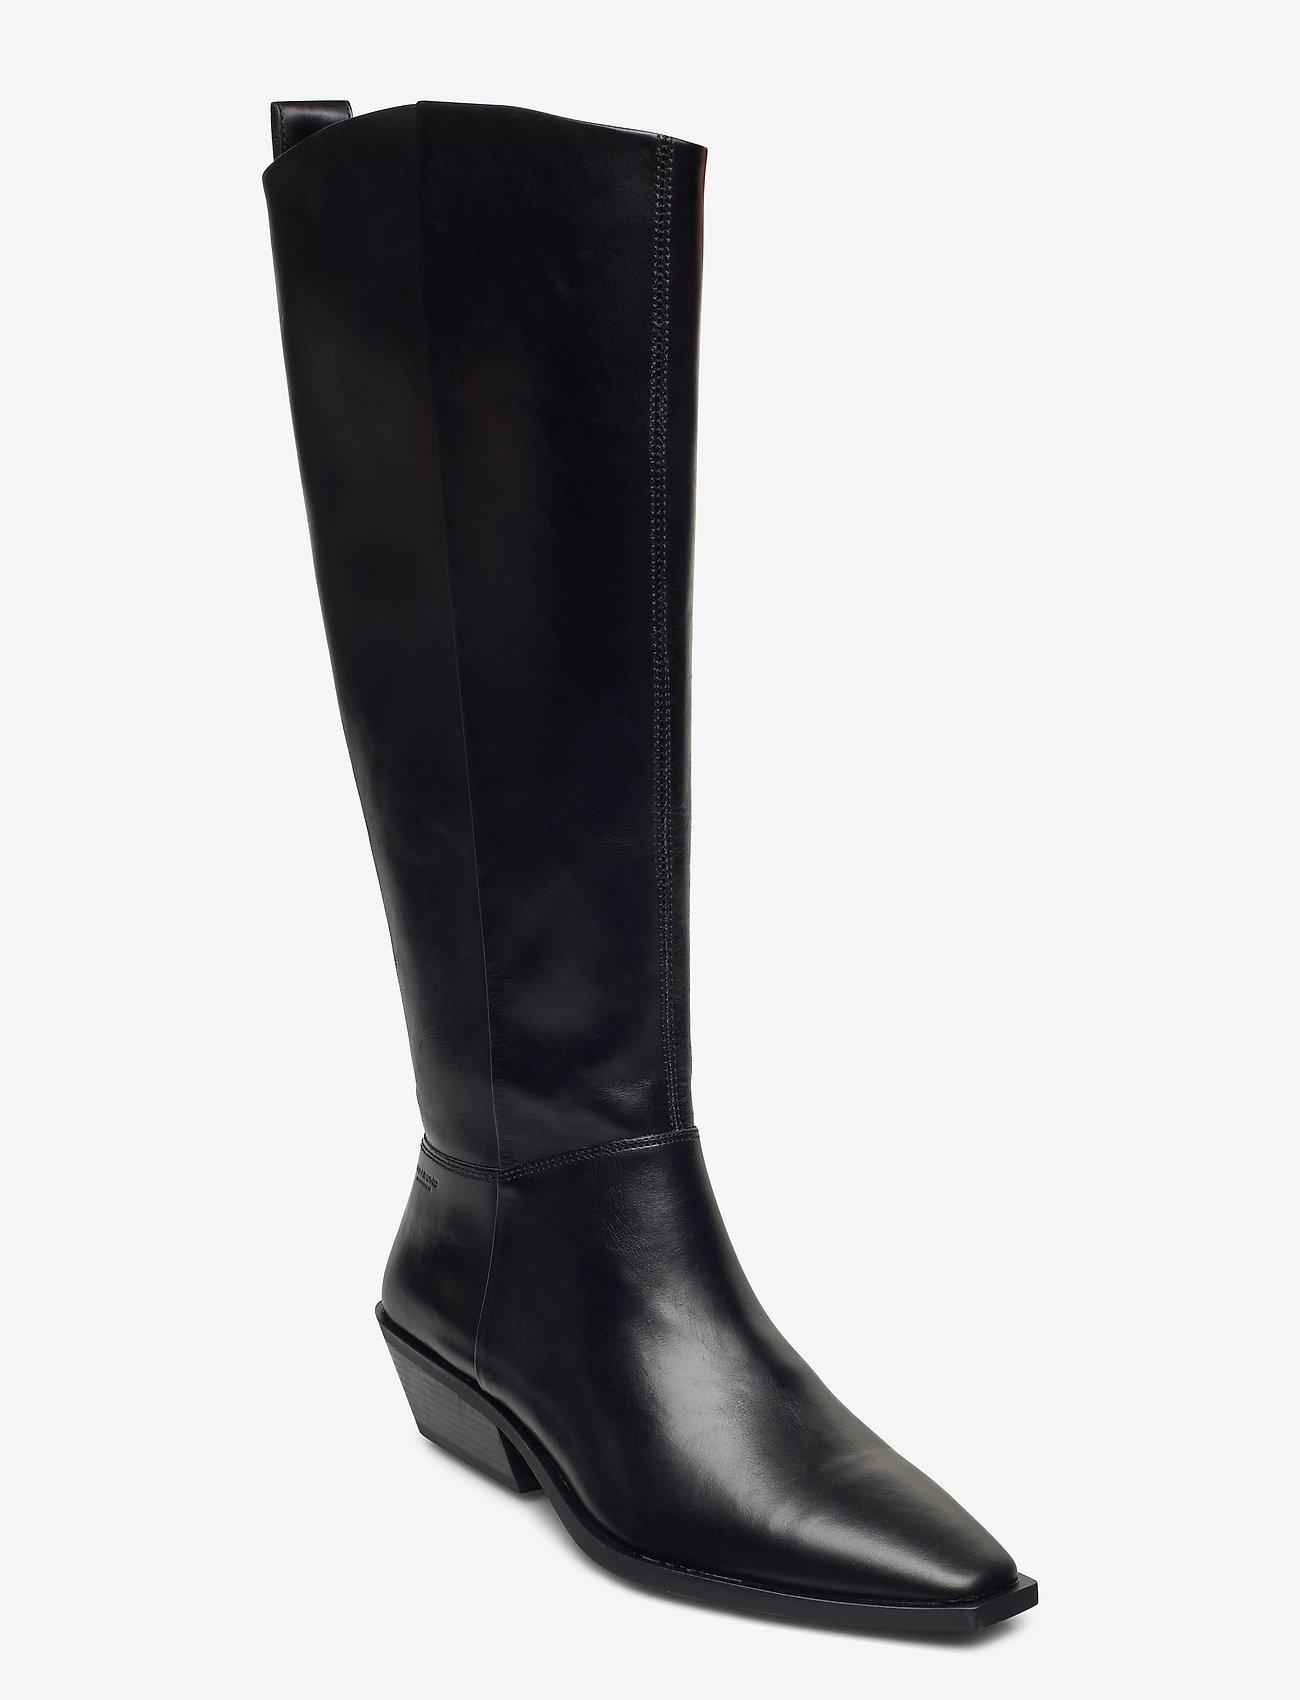 VAGABOND - ALLY - lange laarzen - black - 0